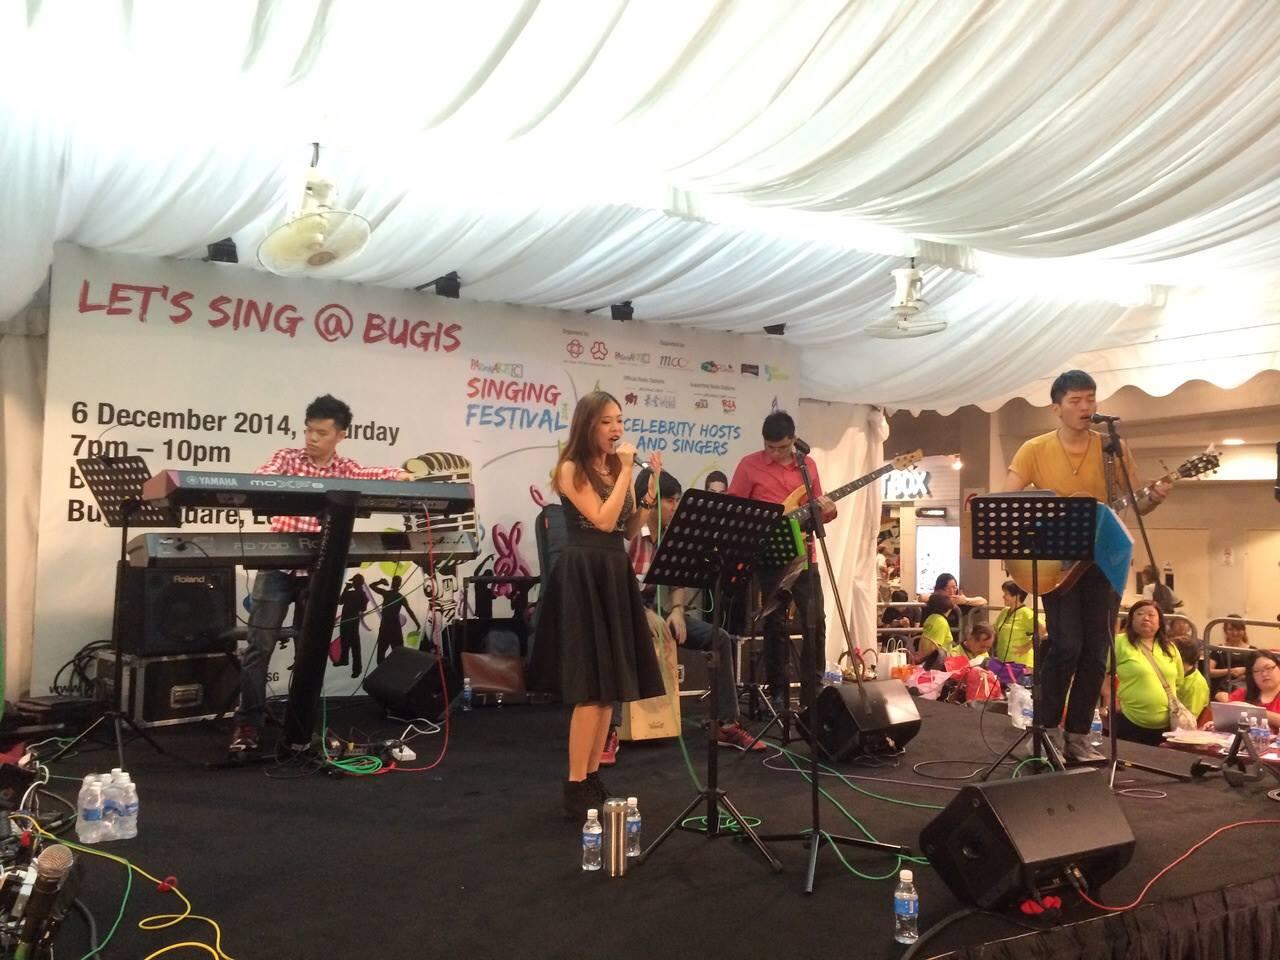 Let's Sing @ Bugis!